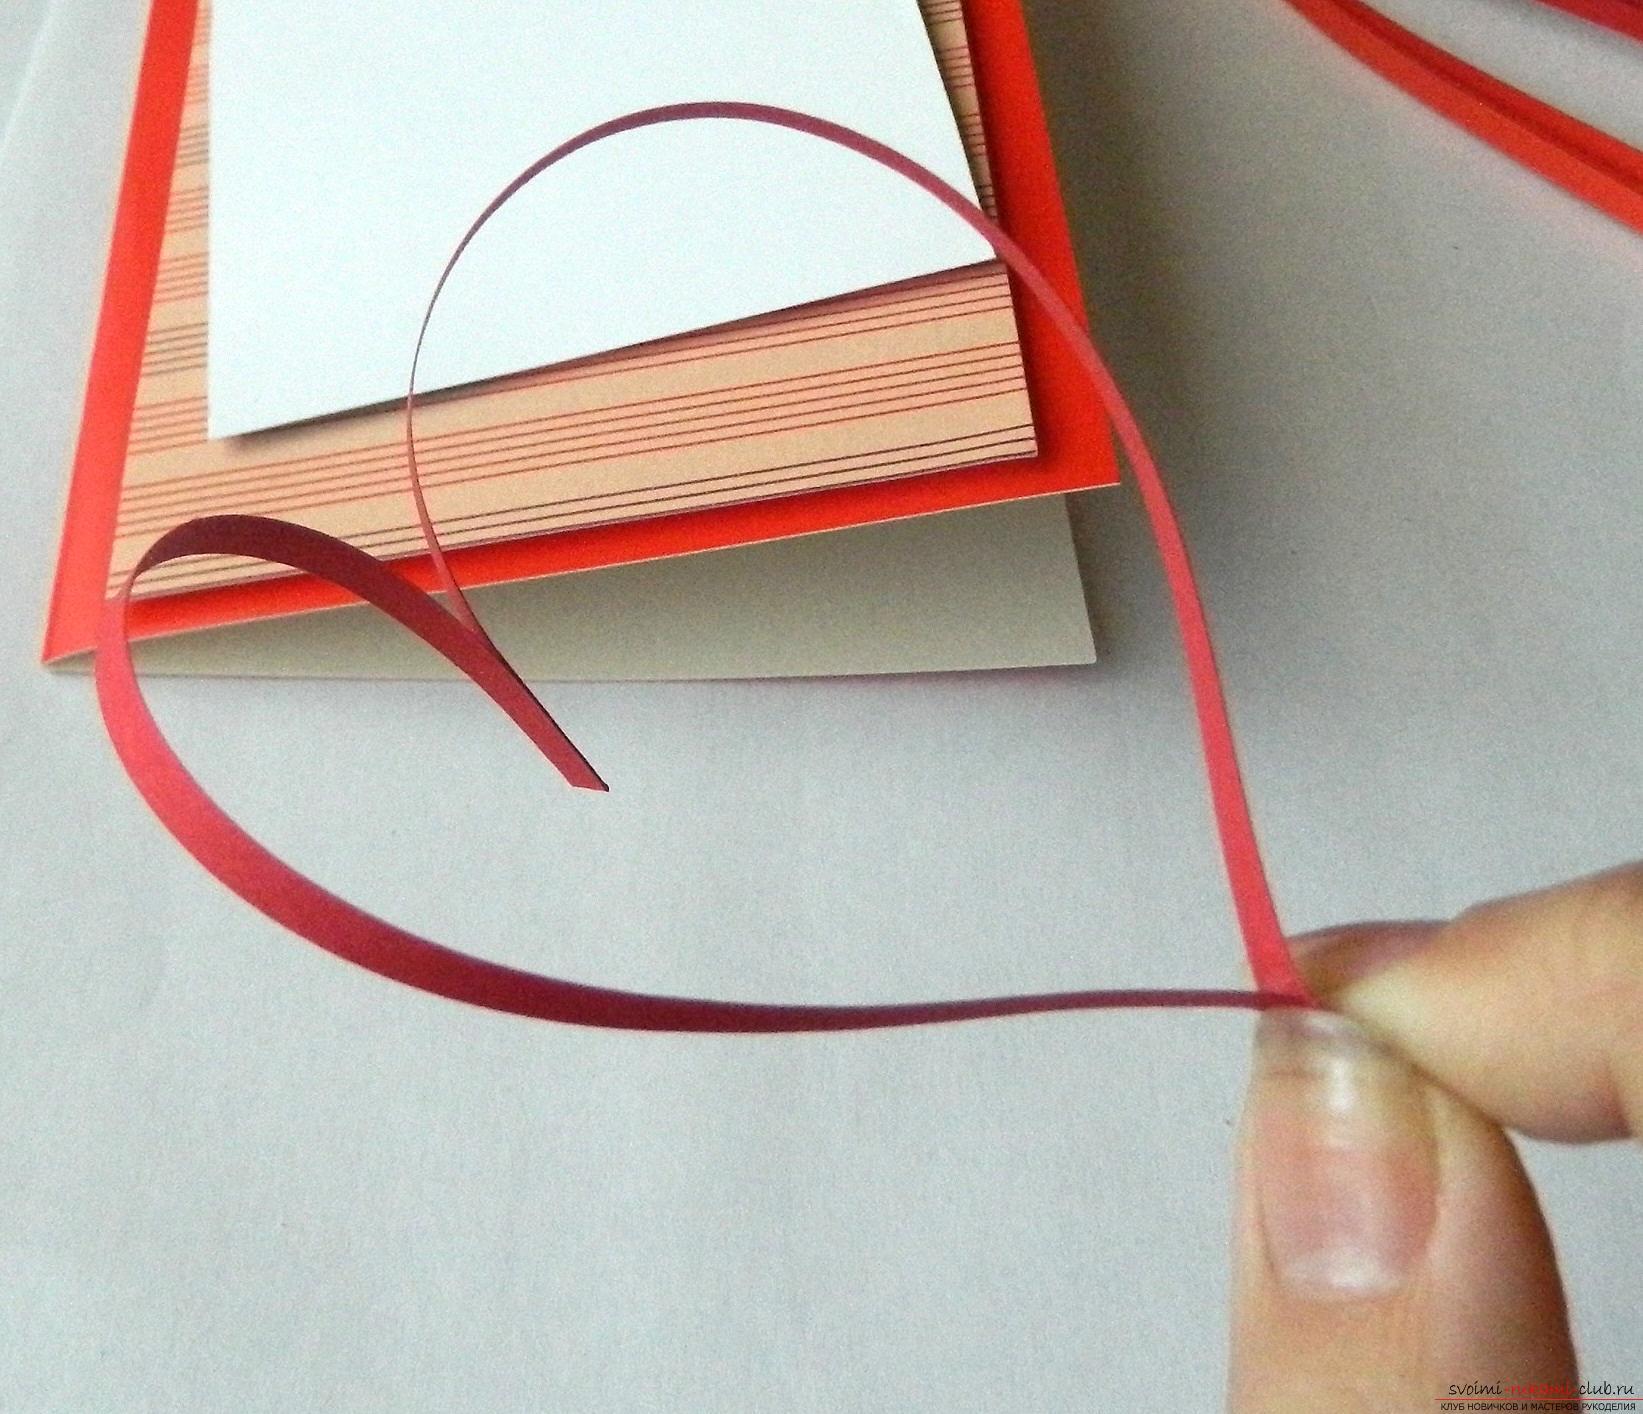 Этот мастер-класс научит как сделать валентинку своими руками в технике квиллинг.. Фото №7